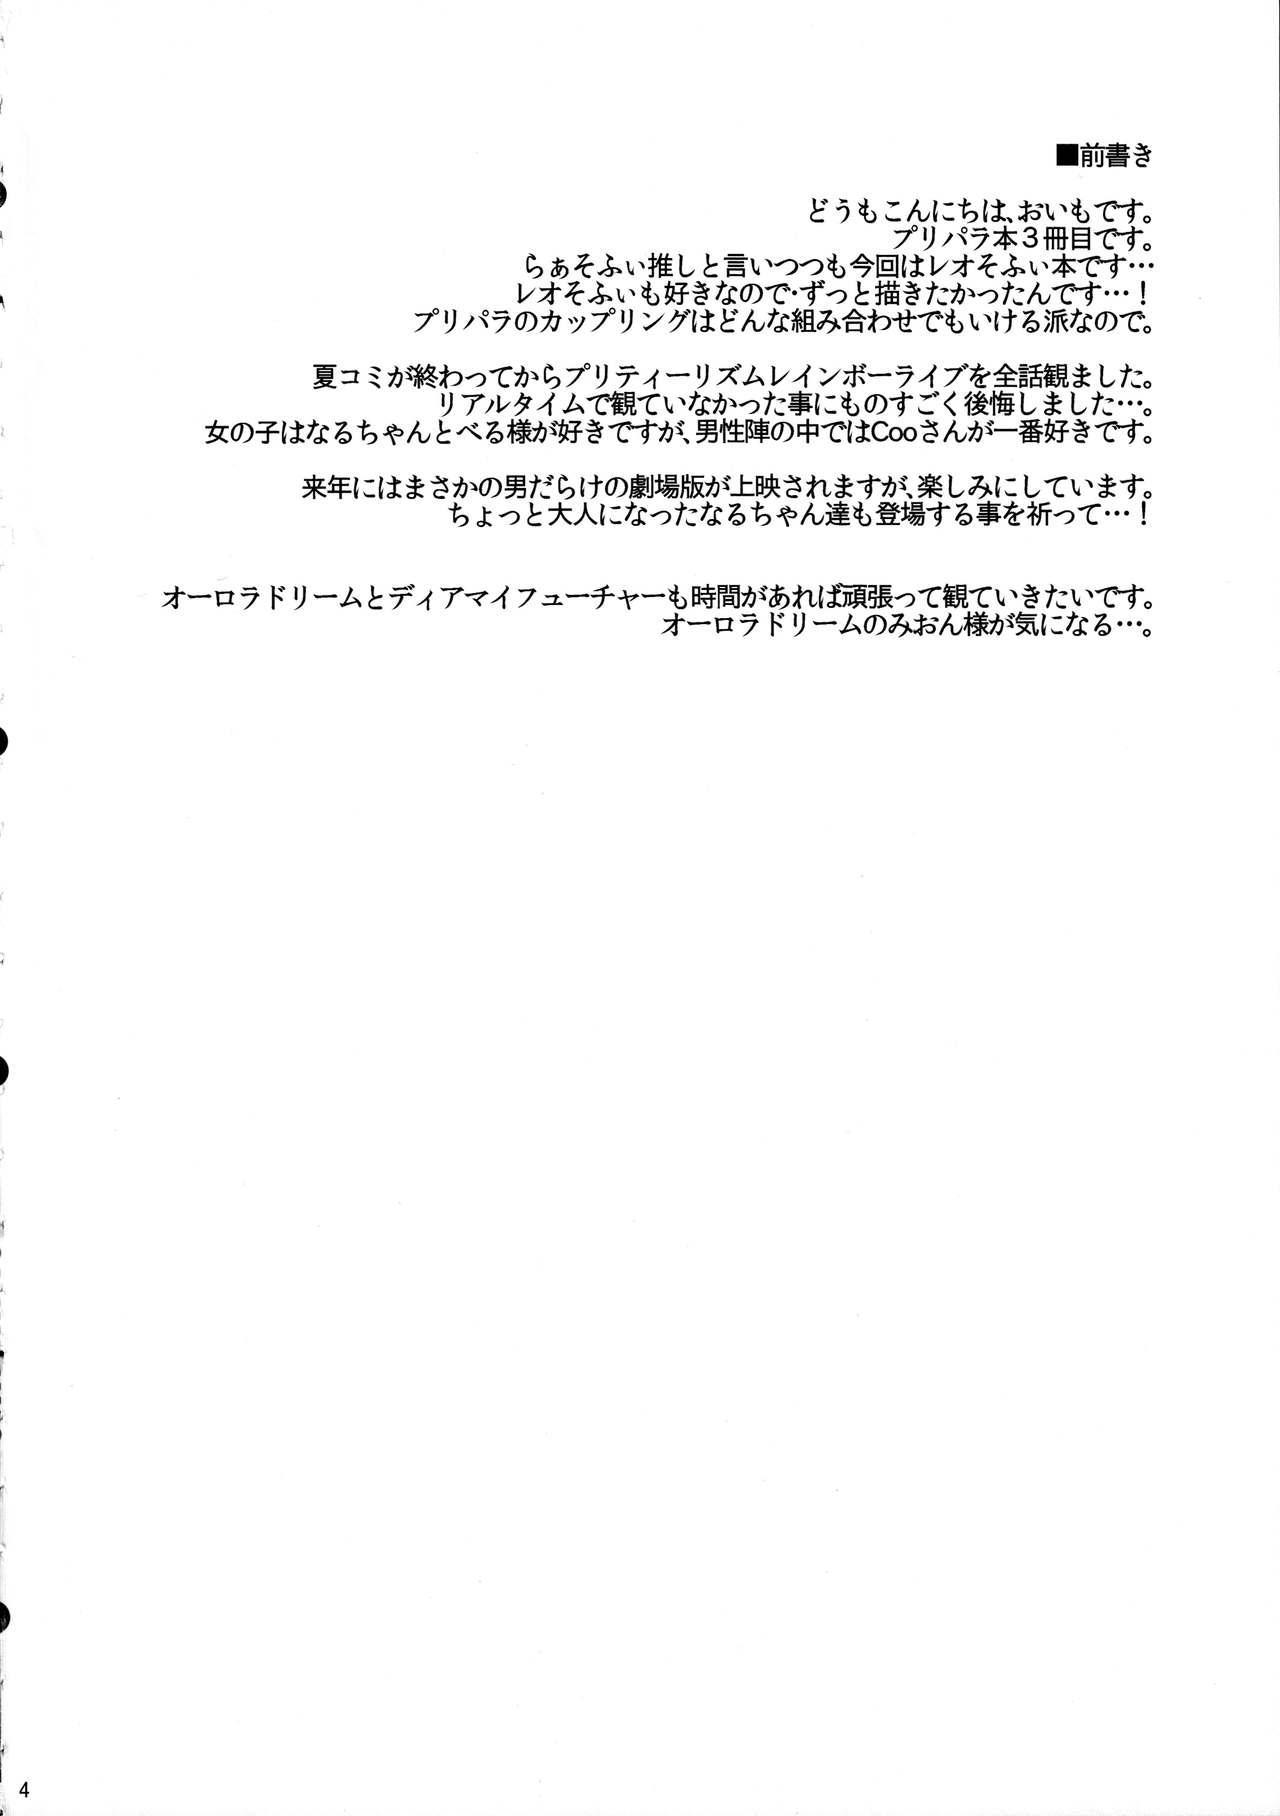 (Mimiket 33) [Jagabata (Oimo)] Usagi-san to Kotori-chan (PriPara) 3